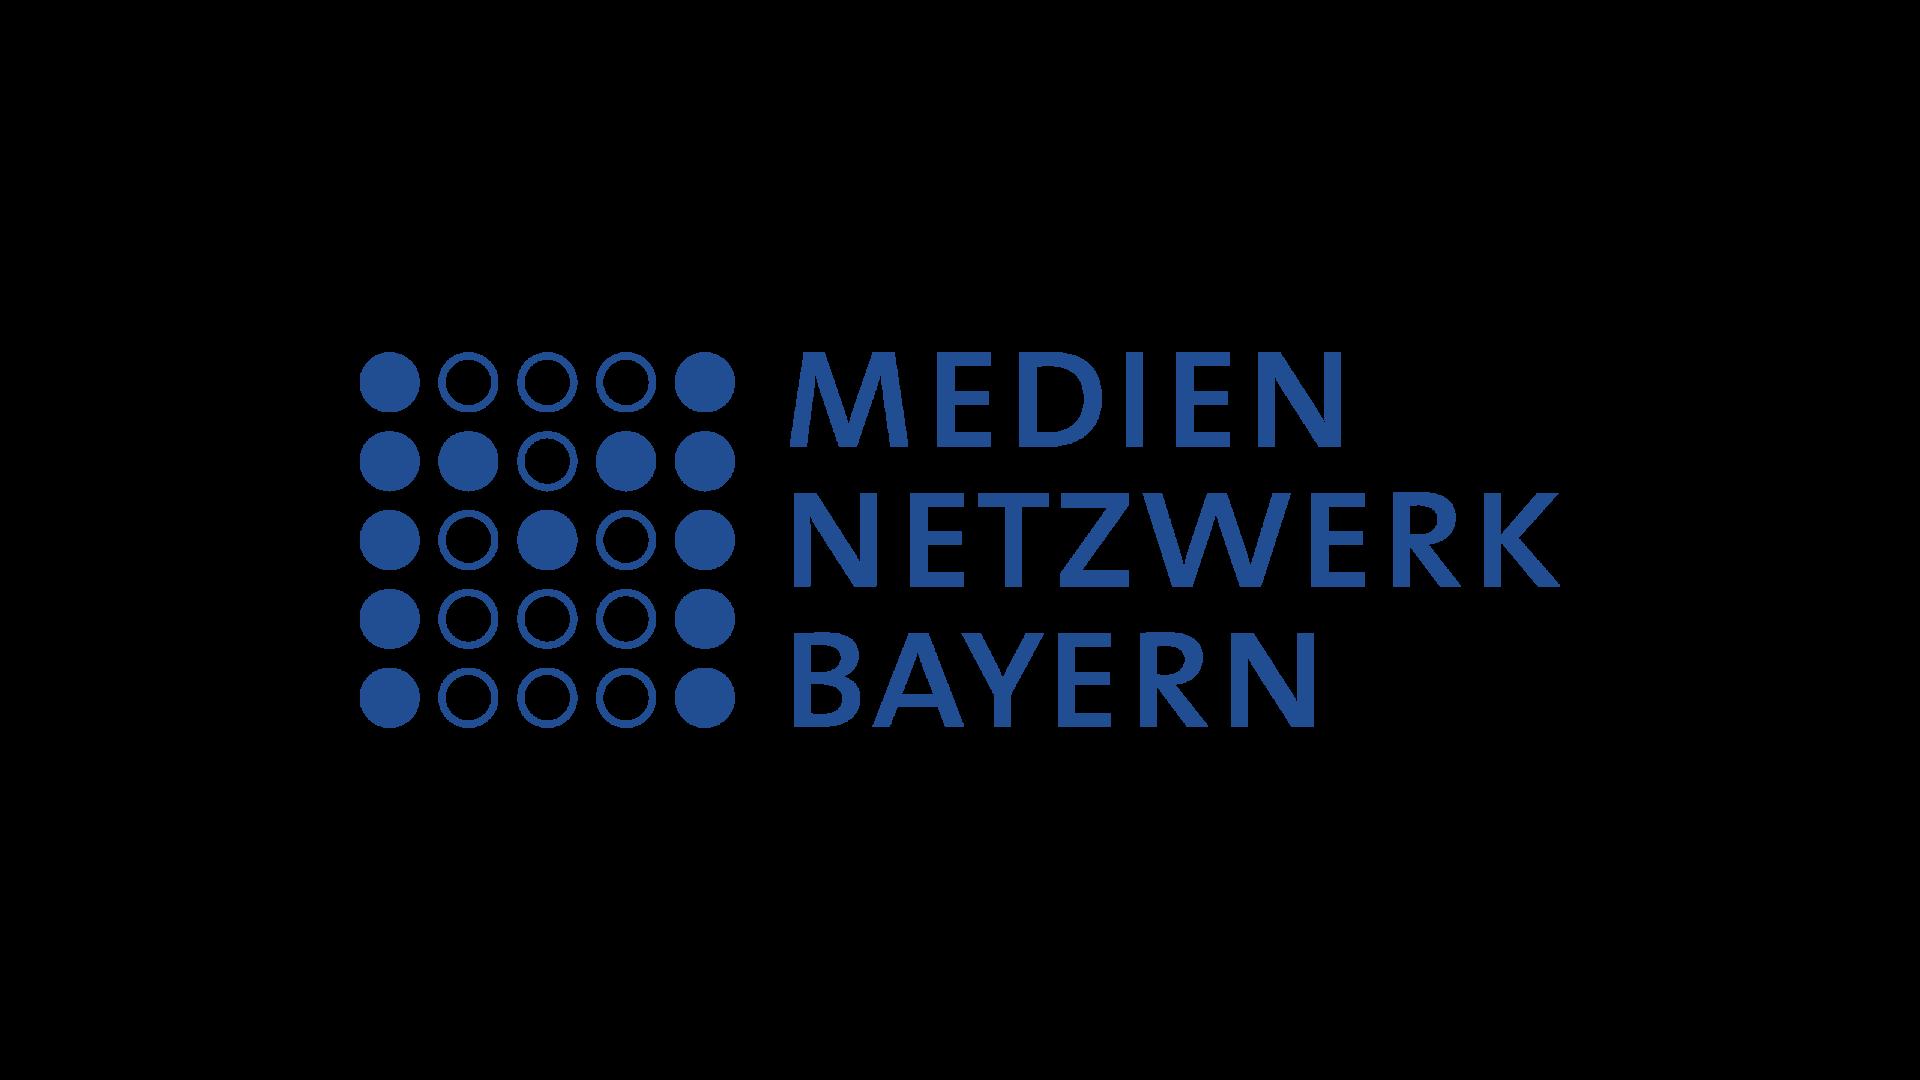 medien netzwerk bayern